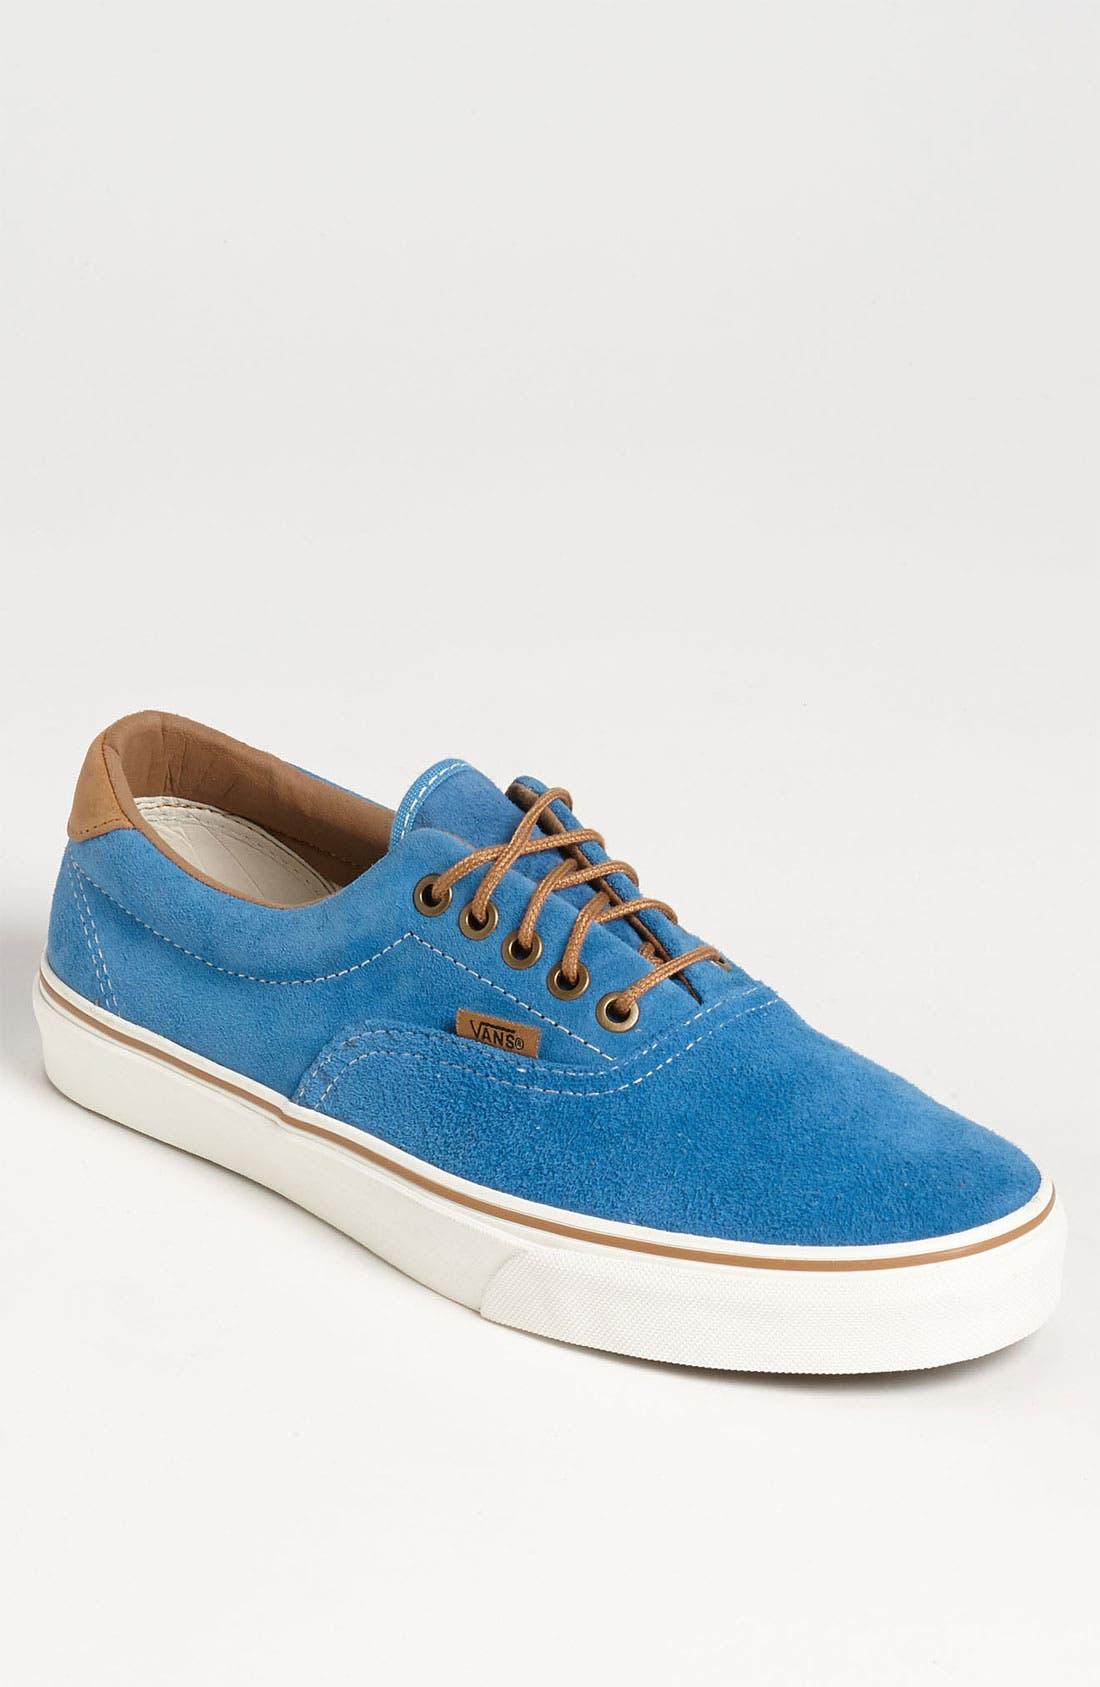 Alternate Image 1 Selected - Vans 'Cali - Era 59' Sneaker (Men)